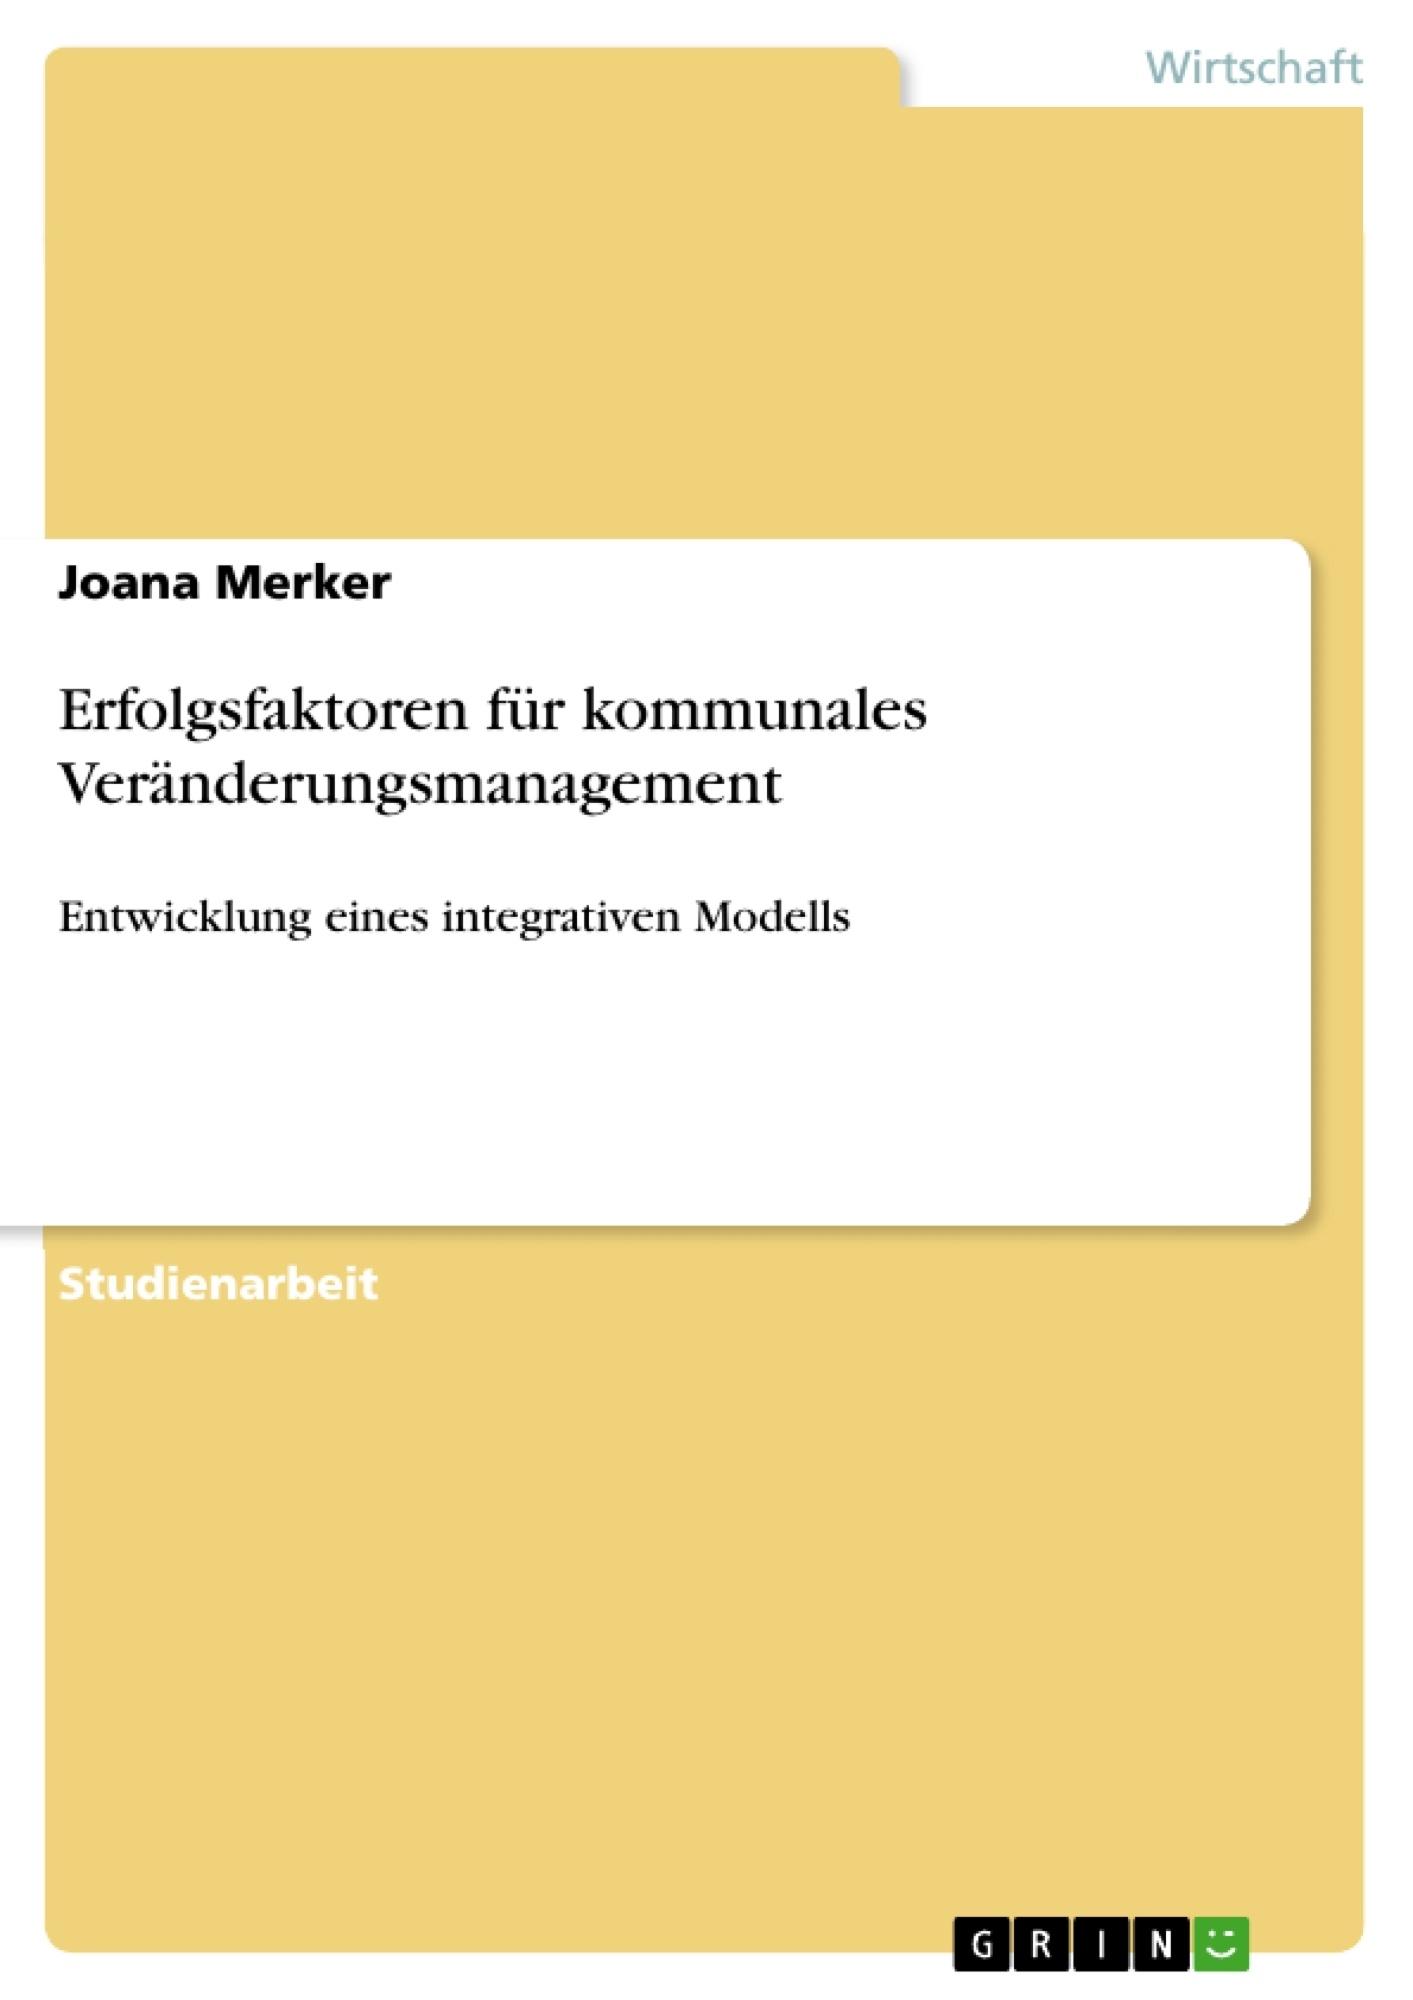 Titel: Erfolgsfaktoren für kommunales Veränderungsmanagement